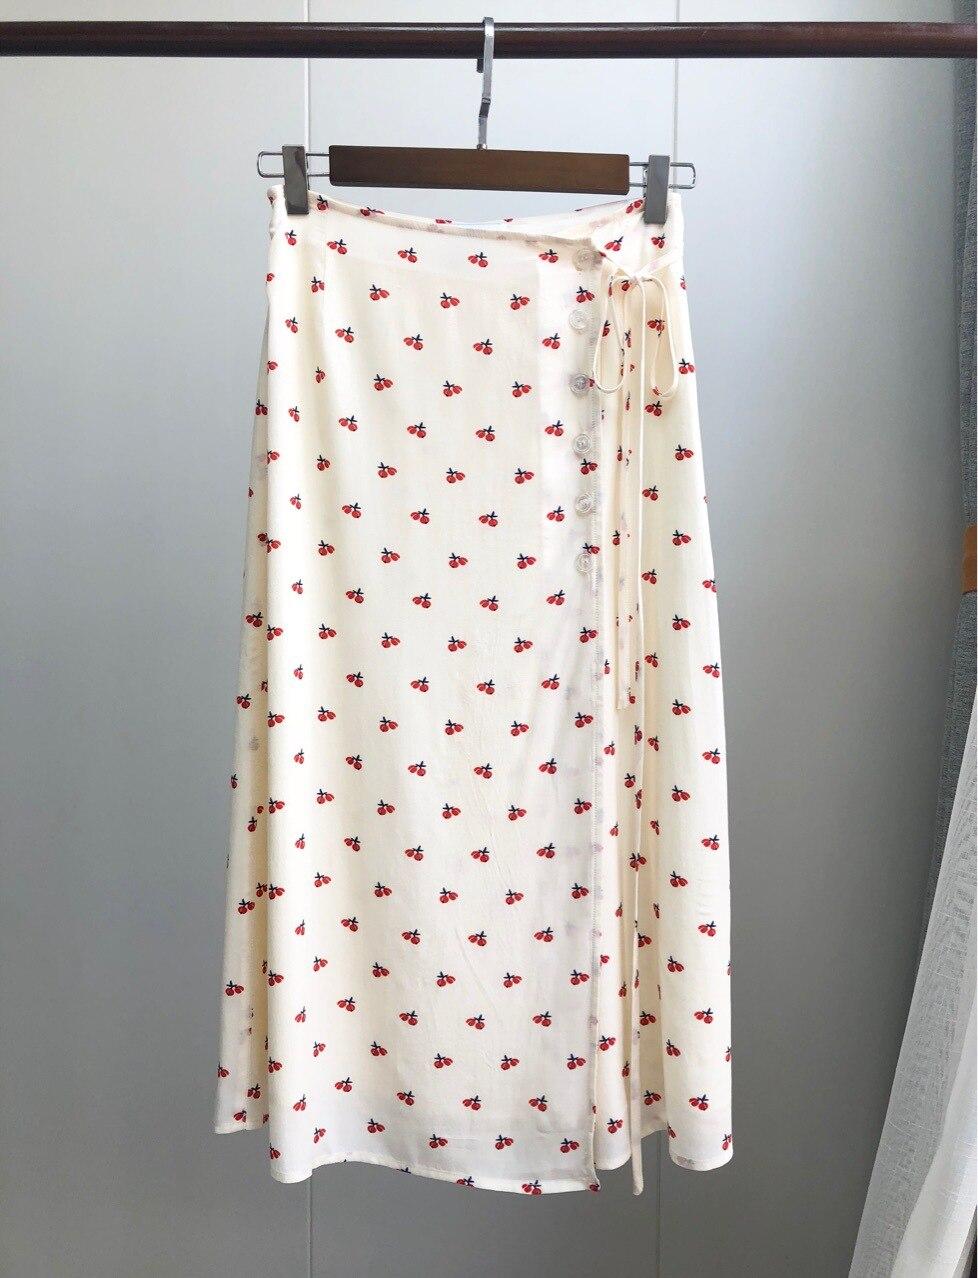 2019 nueva falda elegante de Jupe para mujer con Estampado de cereza francesa de cintura alta falda fresca Midi